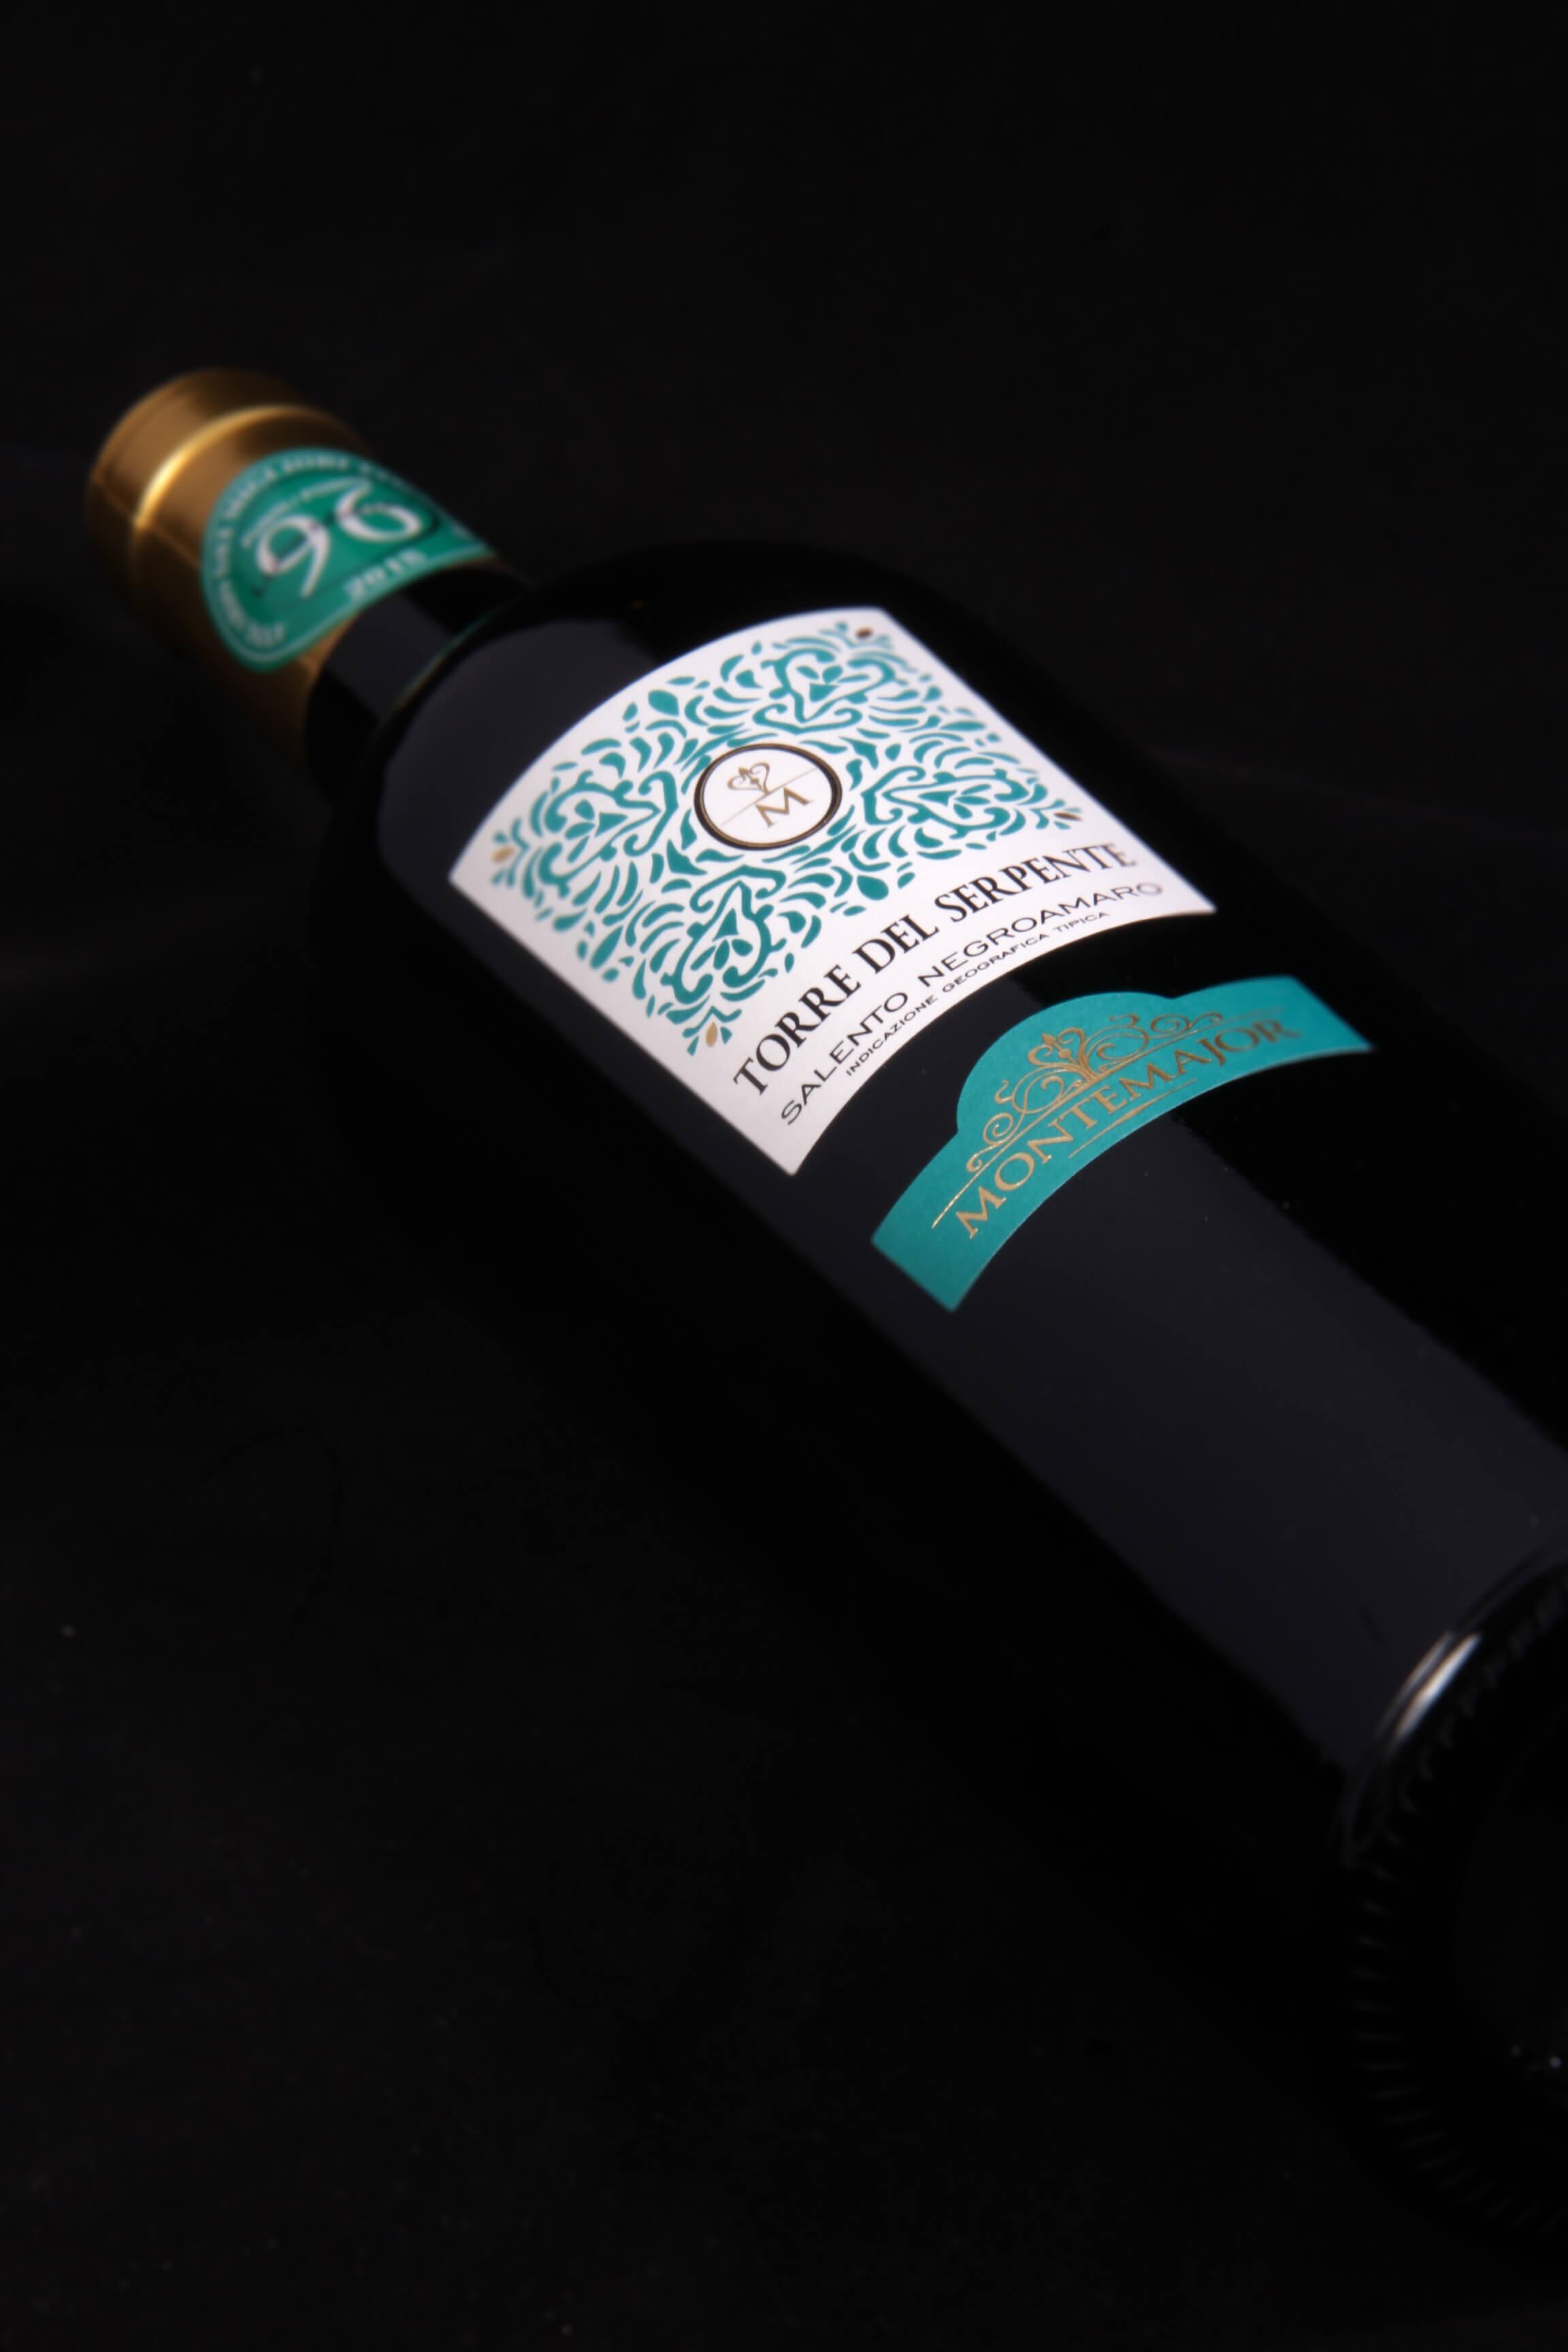 vino_nostrum-importadora_de_vinos_y_alimentos_ok23